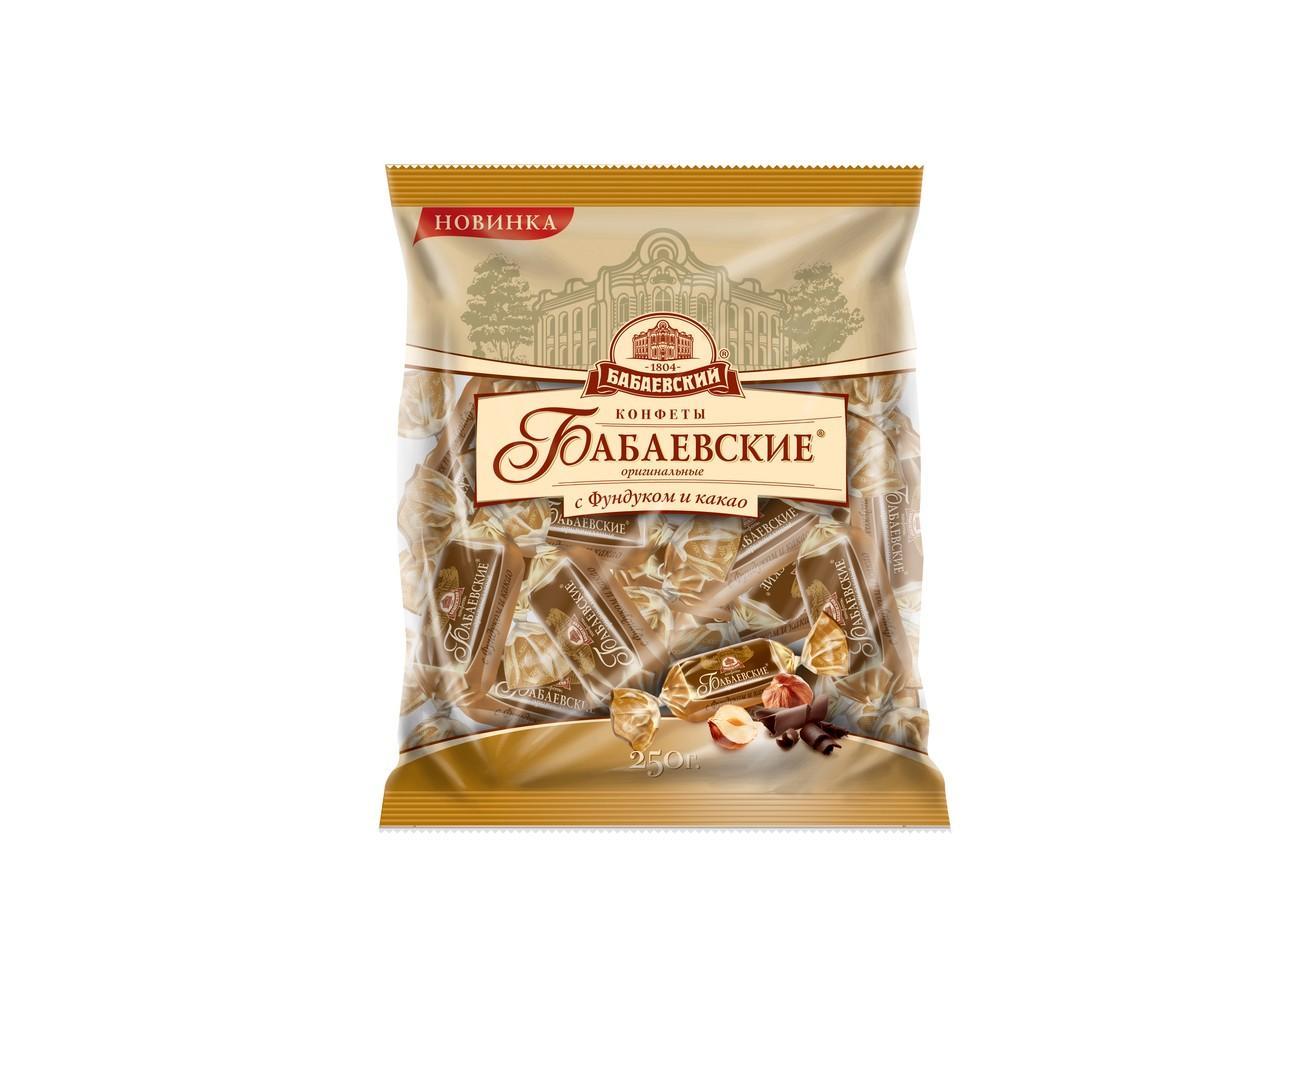 Конфеты «Бабаевский» Оригинальные фундук-какао 200г.